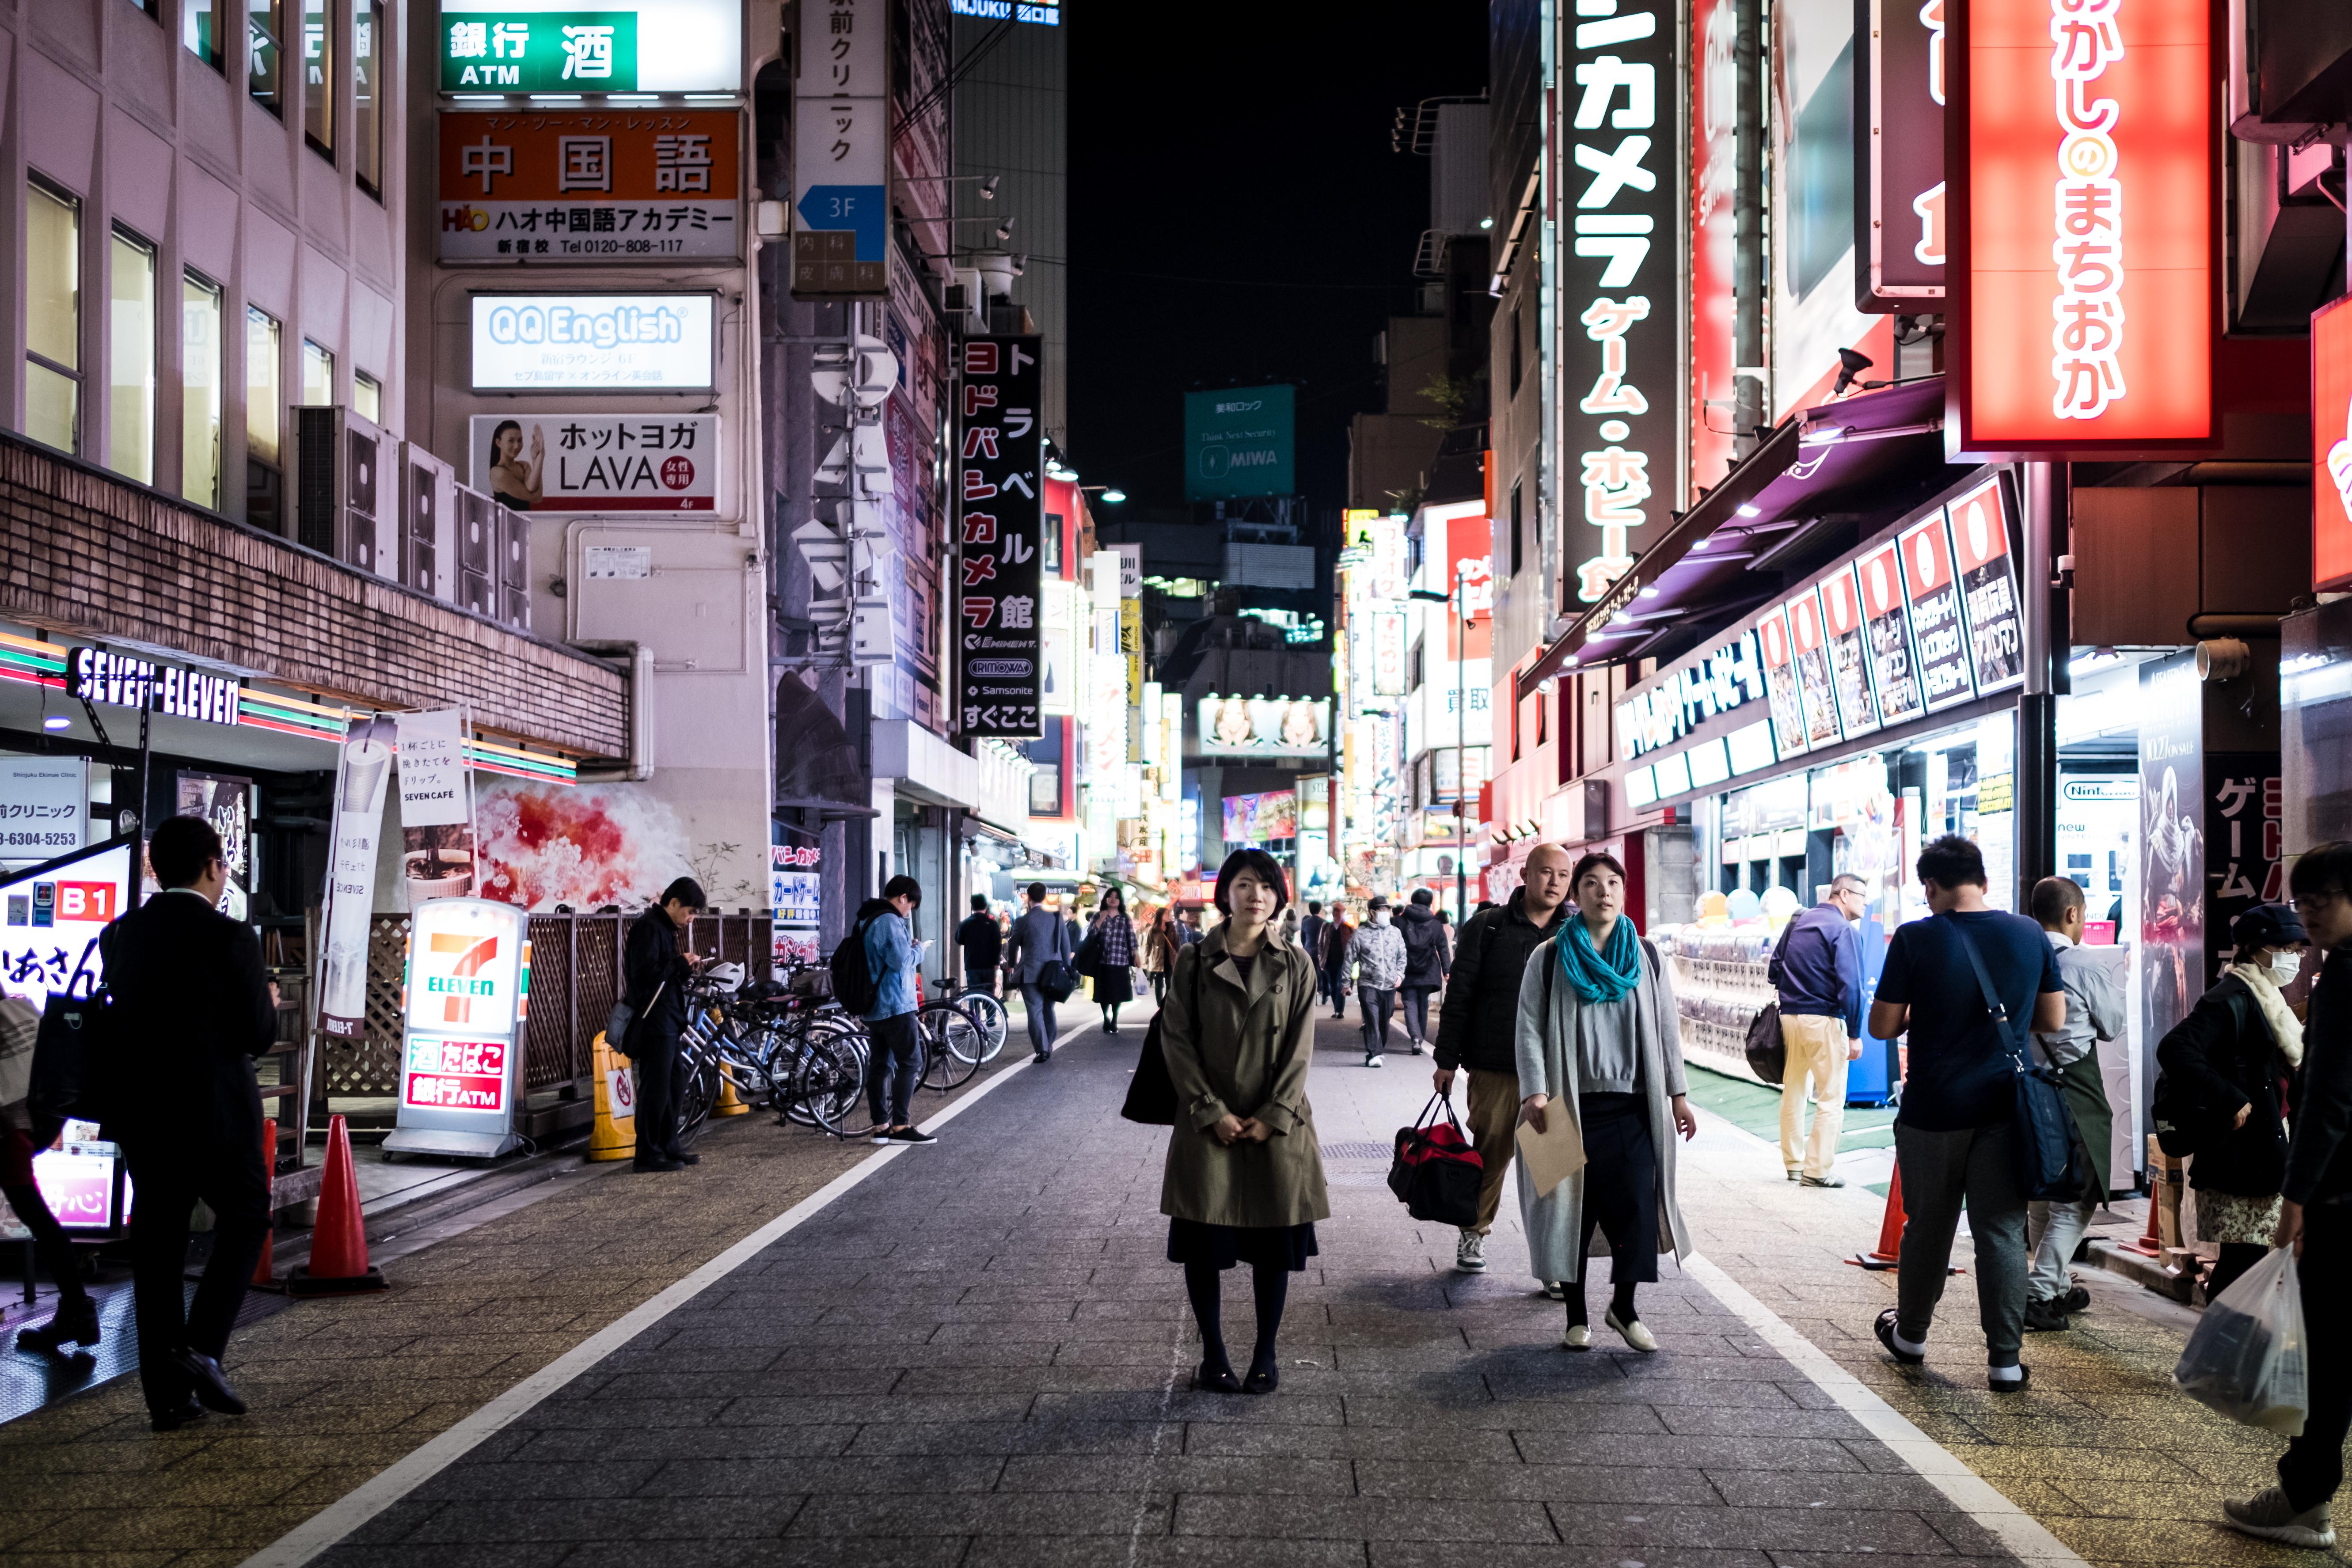 Contraception Japon 2017_093